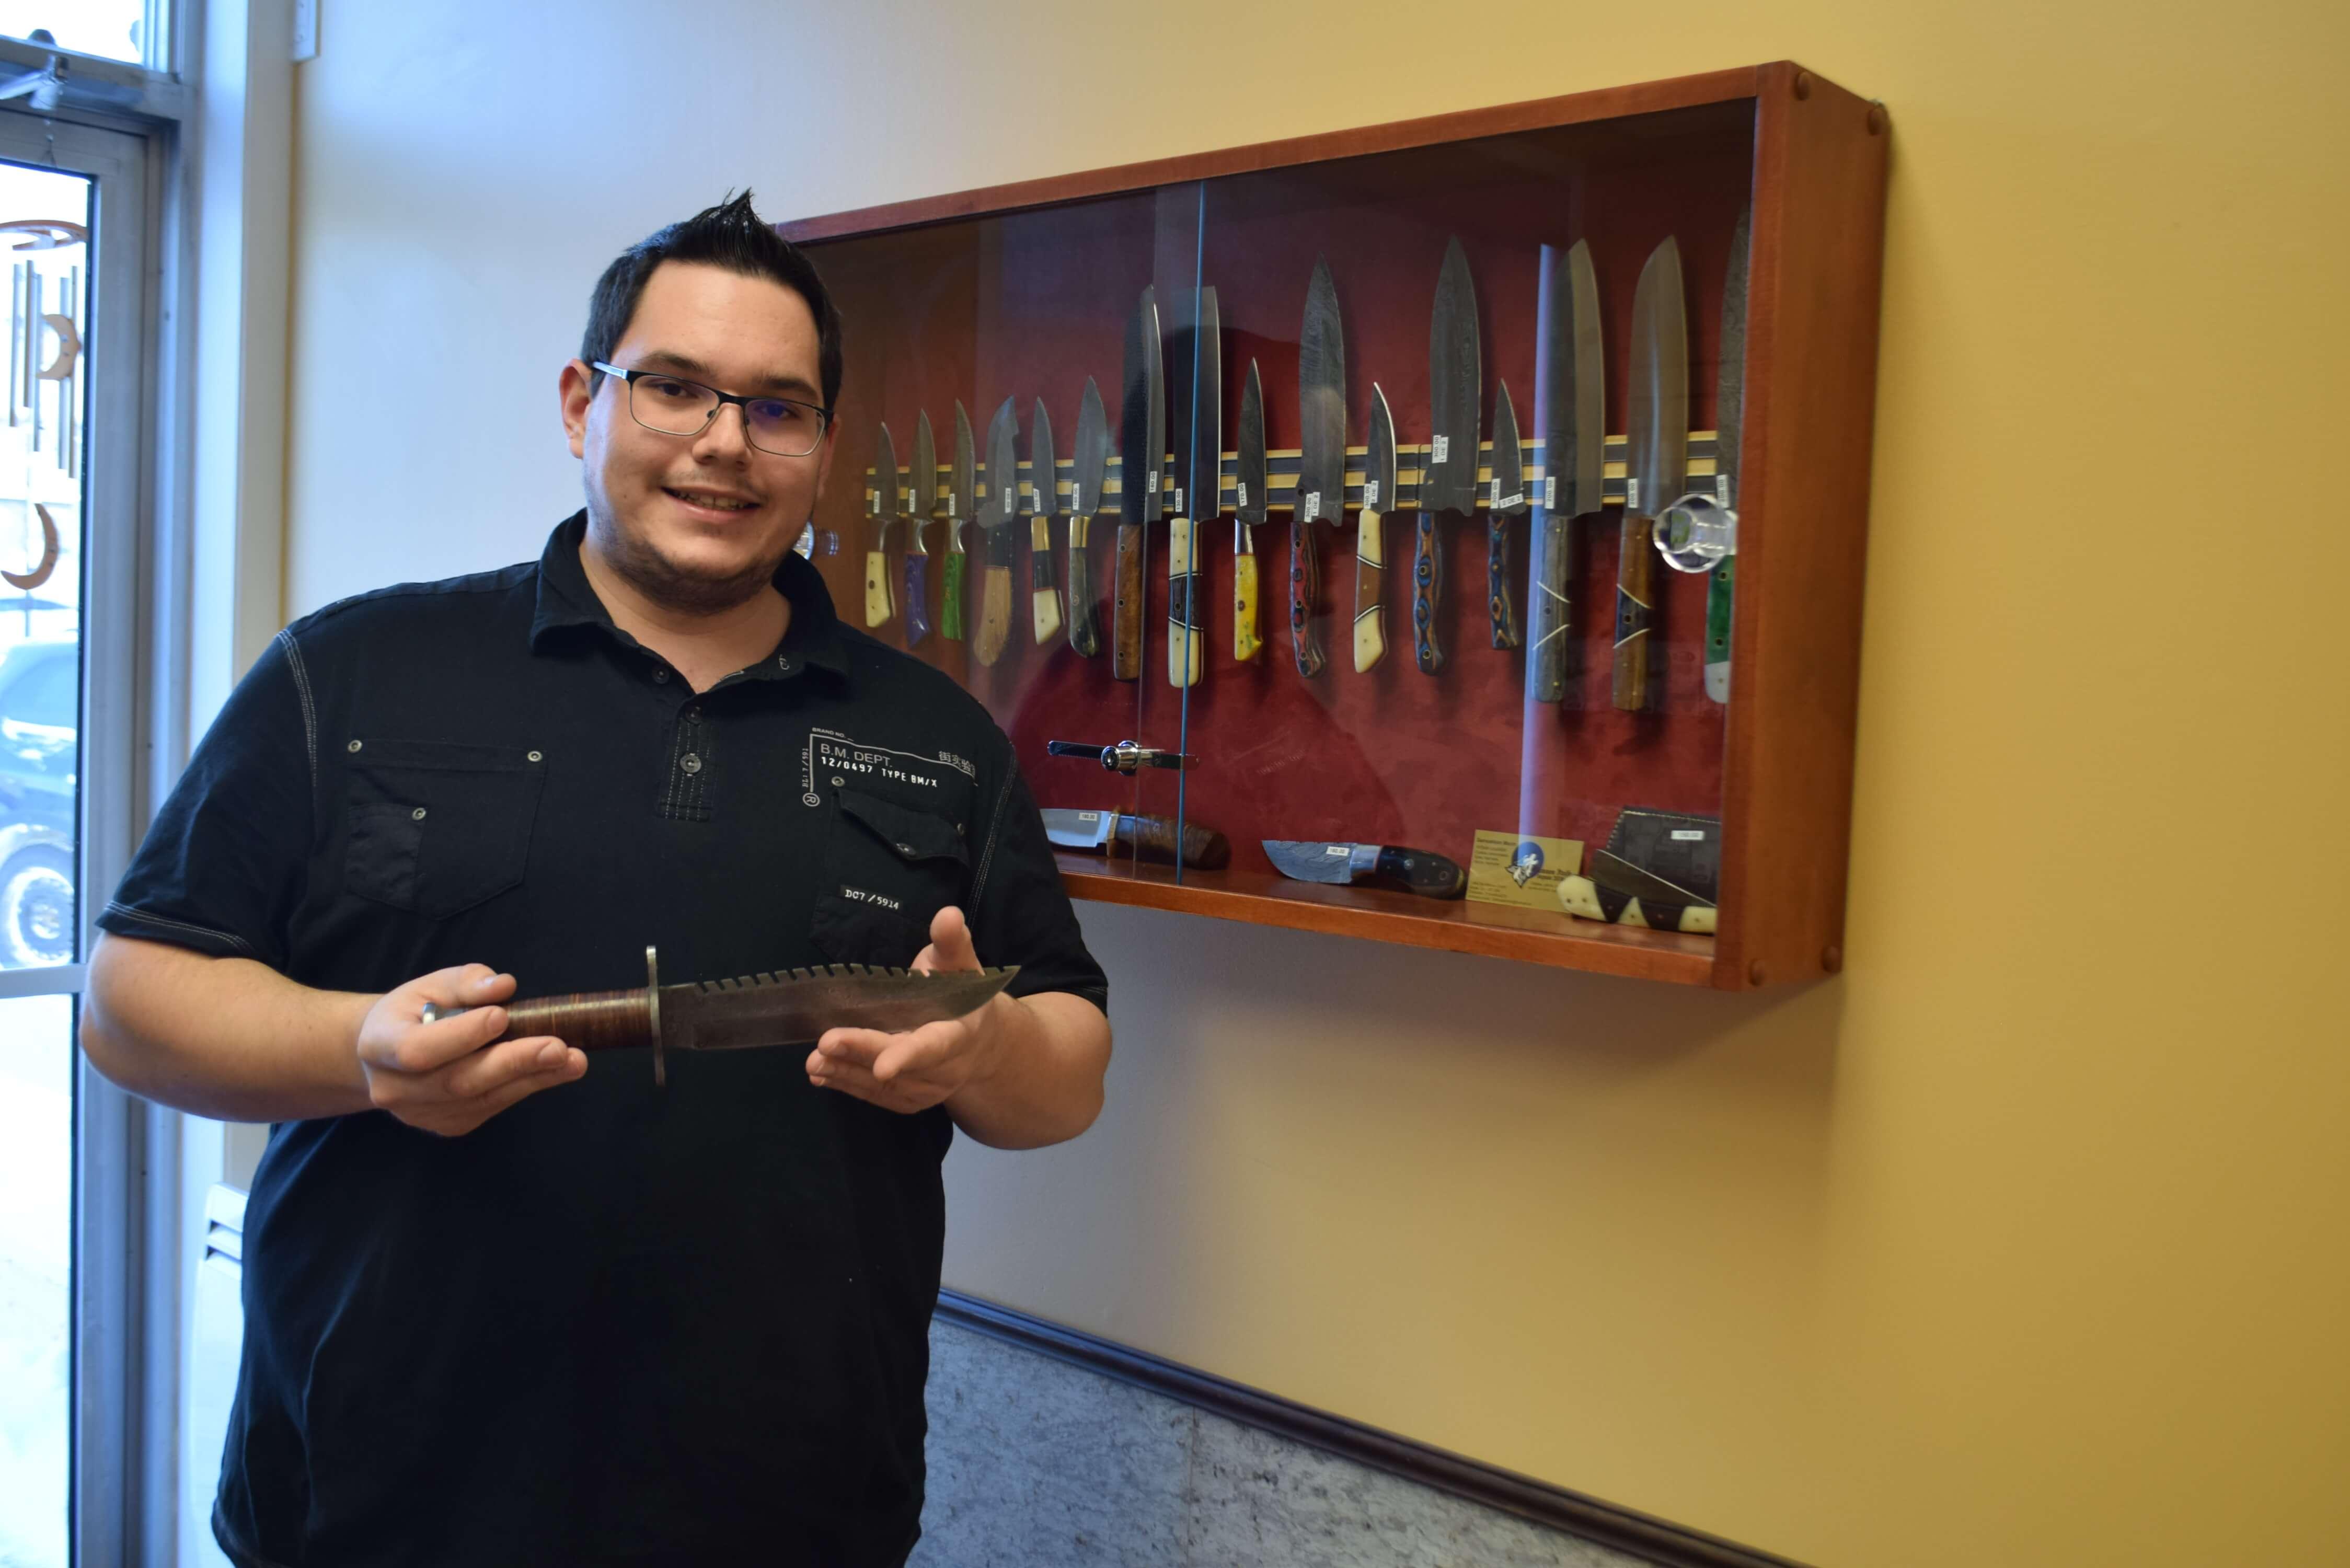 Samuelson Morin Samson Knife